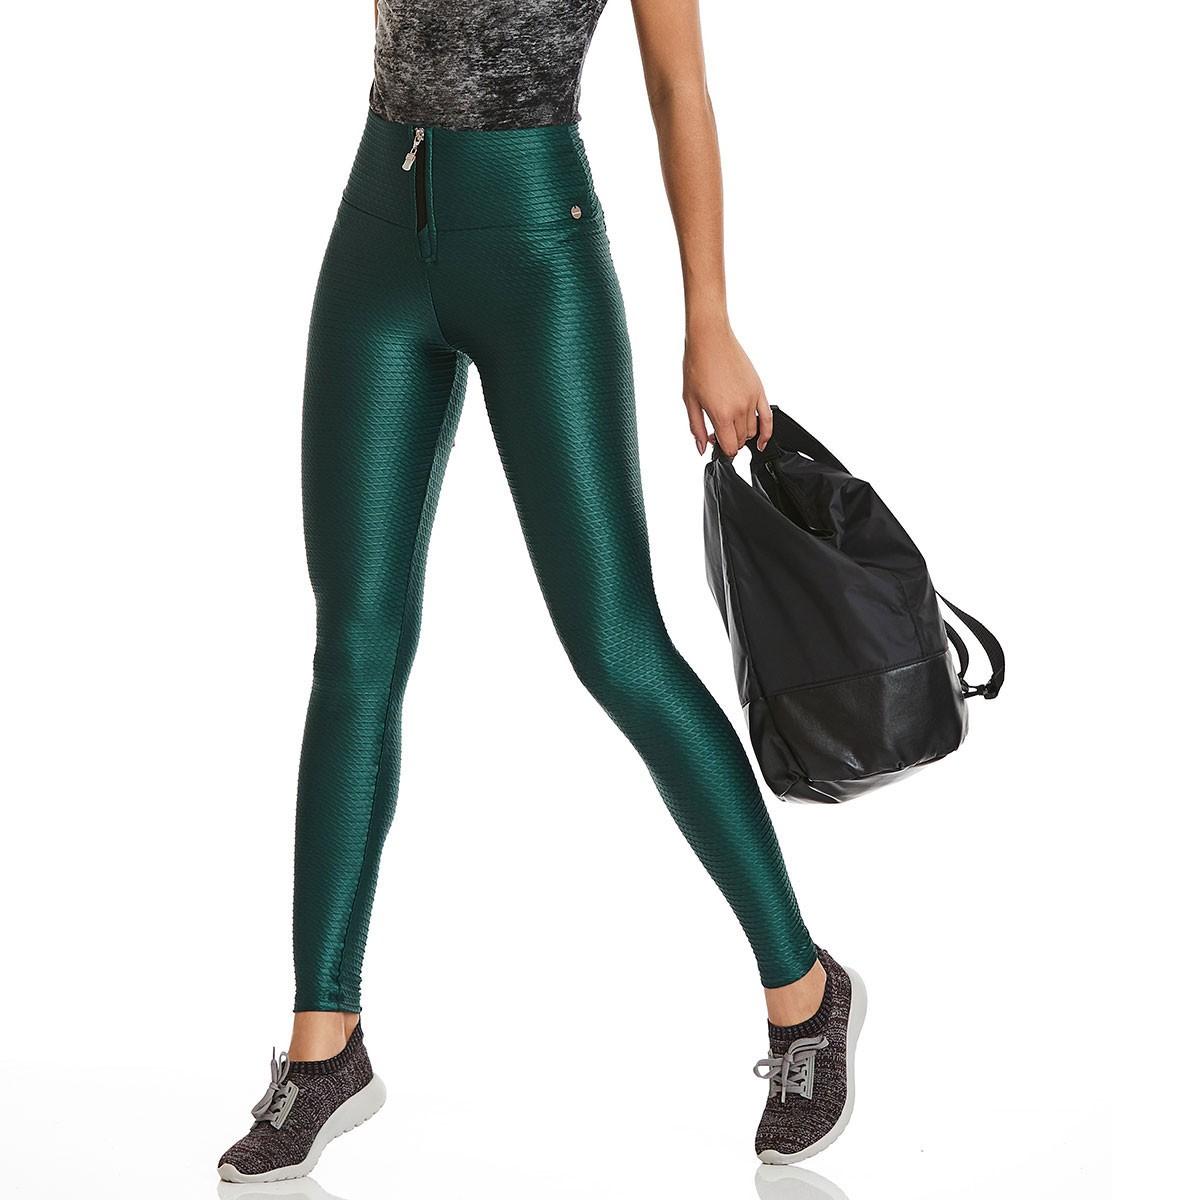 Legging Leather Verde CAJUBRASIL Activewear